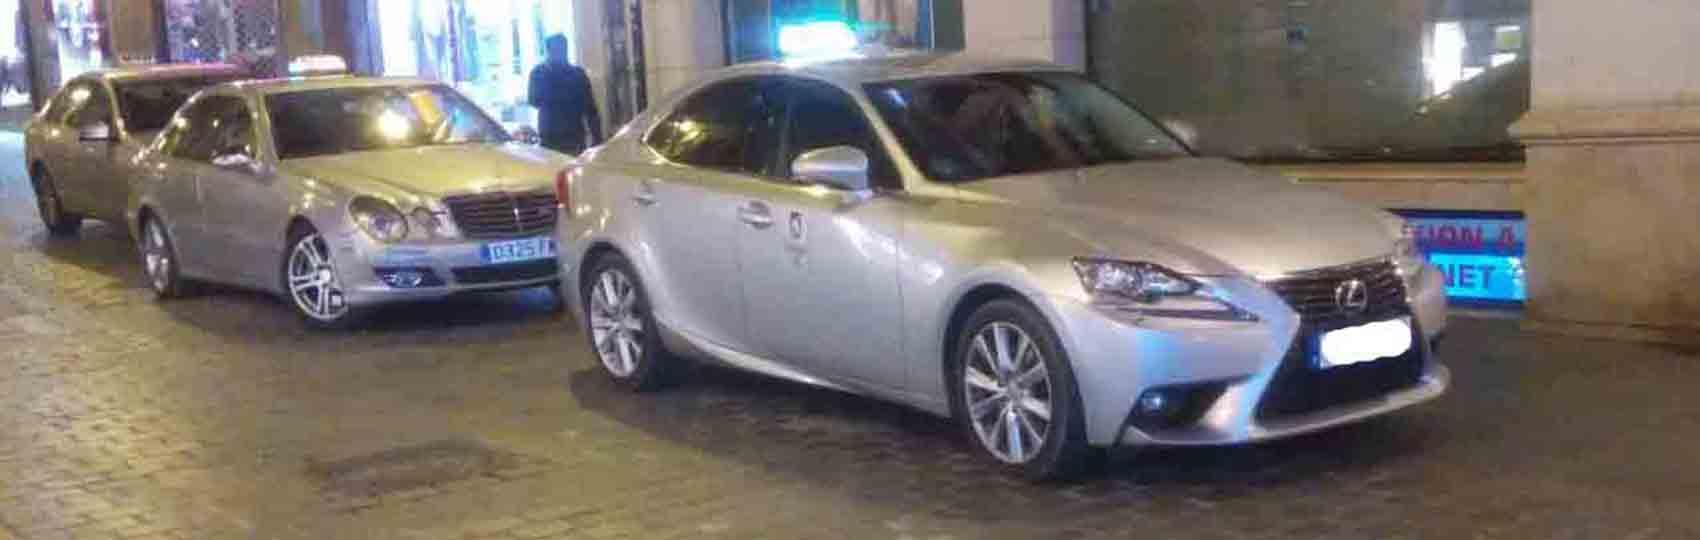 Noticias del sector del taxi y la movilidad en Teruel. Mantente informado de todas las noticias del taxi de Teruel en el grupo de Facebook de Todo Taxi.